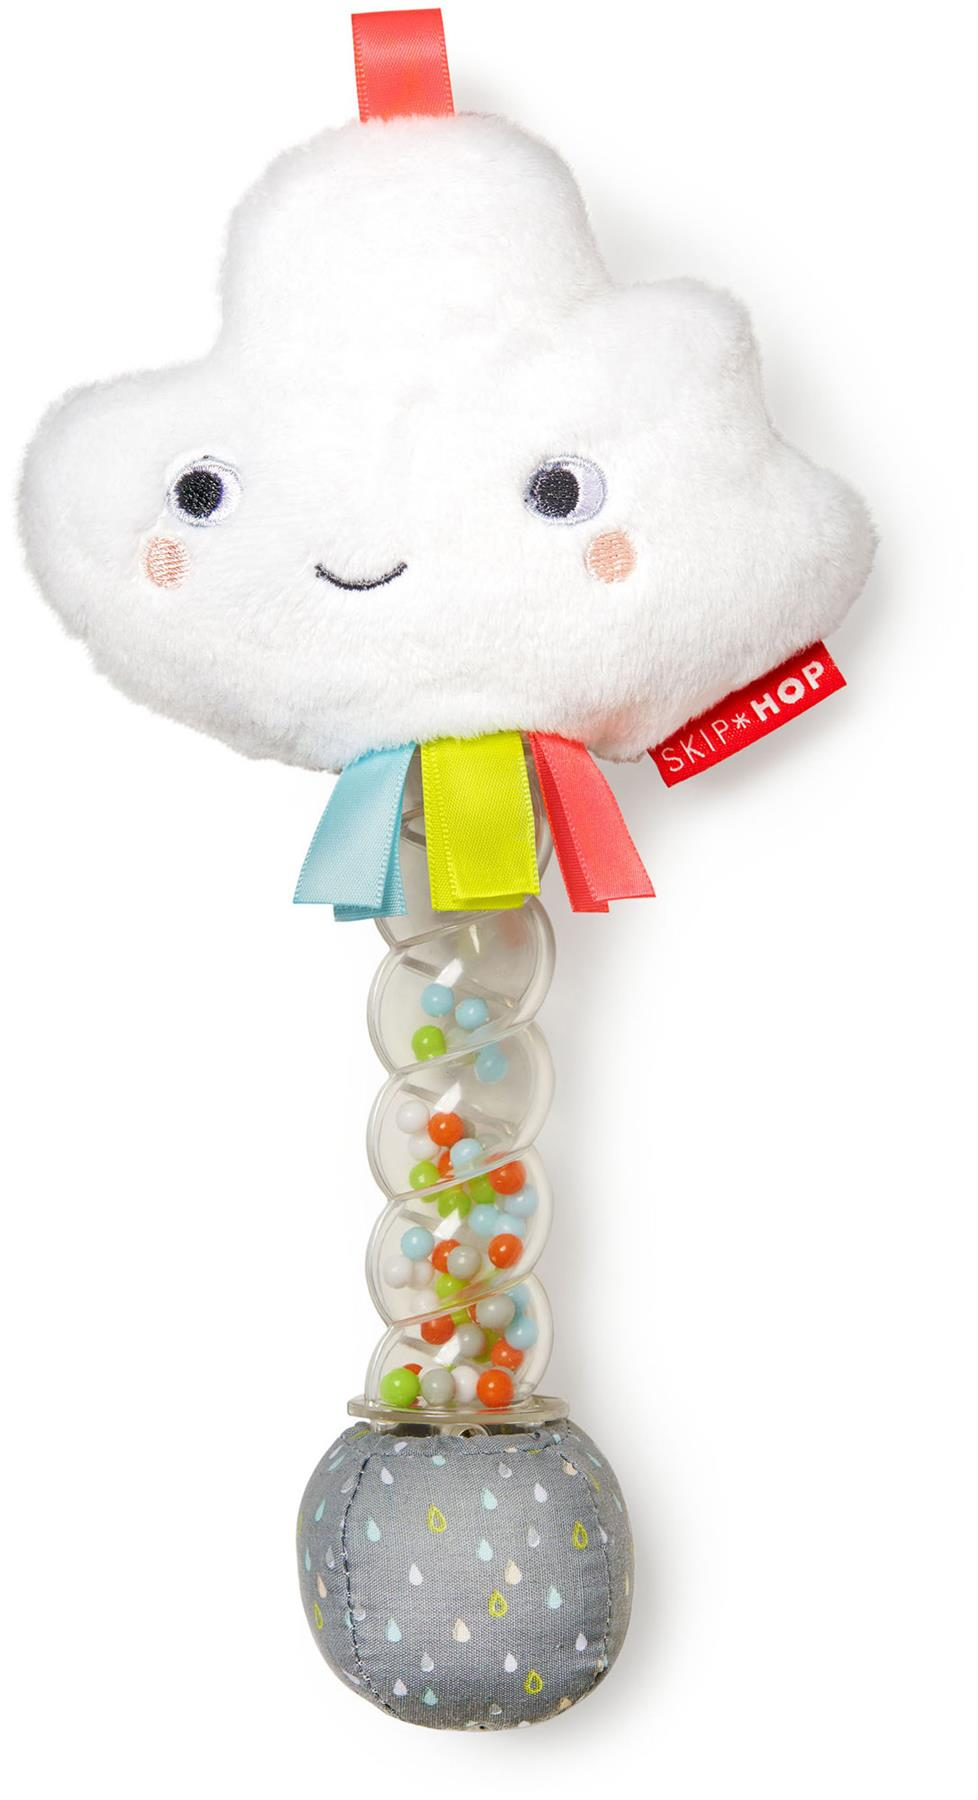 Apollo Rilakkuma Chime stick Rattle Baby Toy New